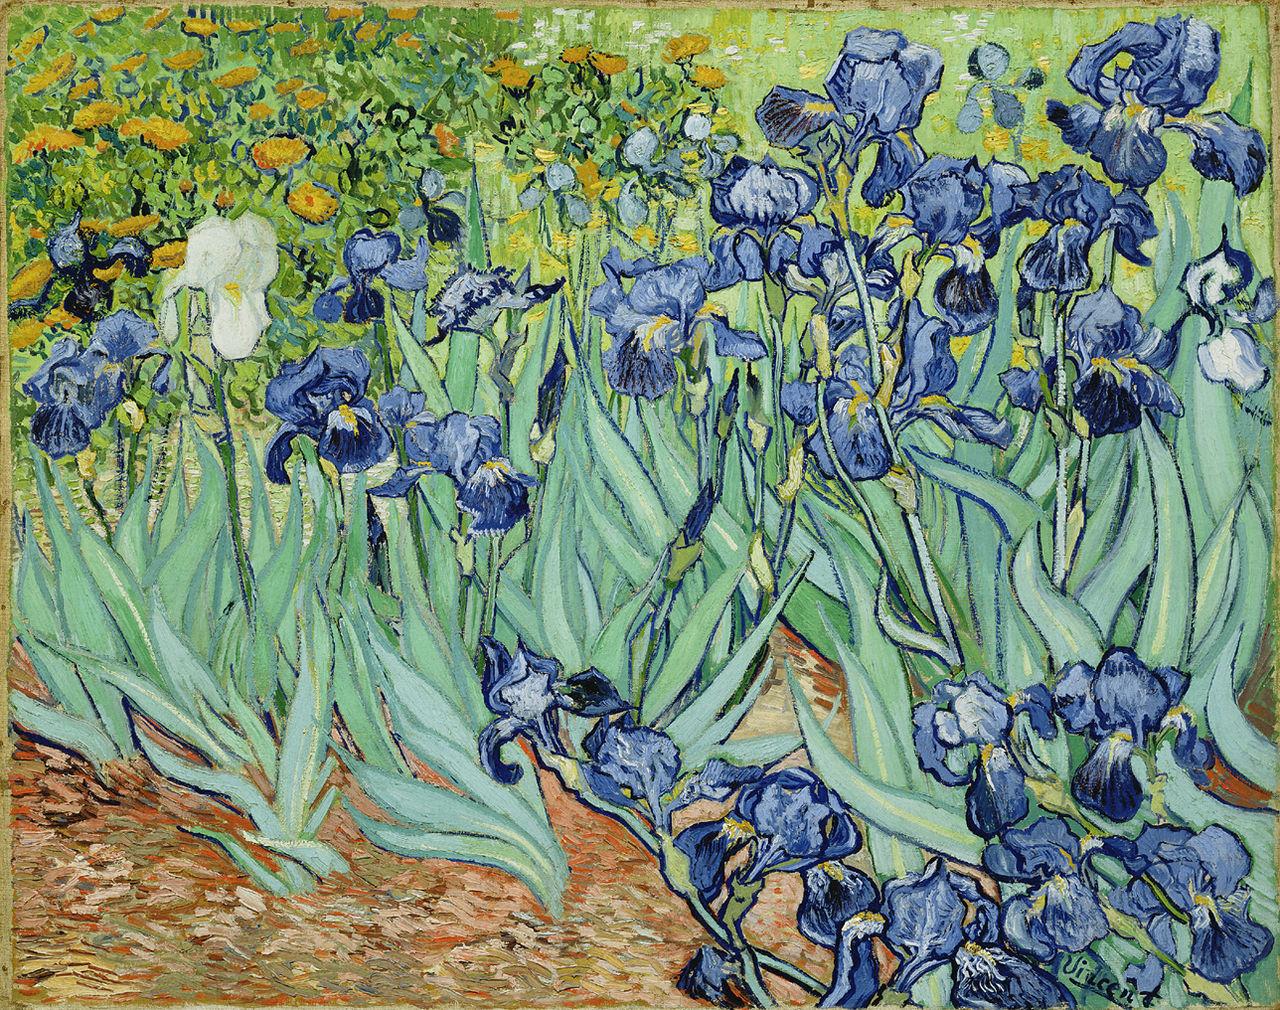 So many irises for the florida garden gardening in the panhandle so many irises for the florida garden izmirmasajfo